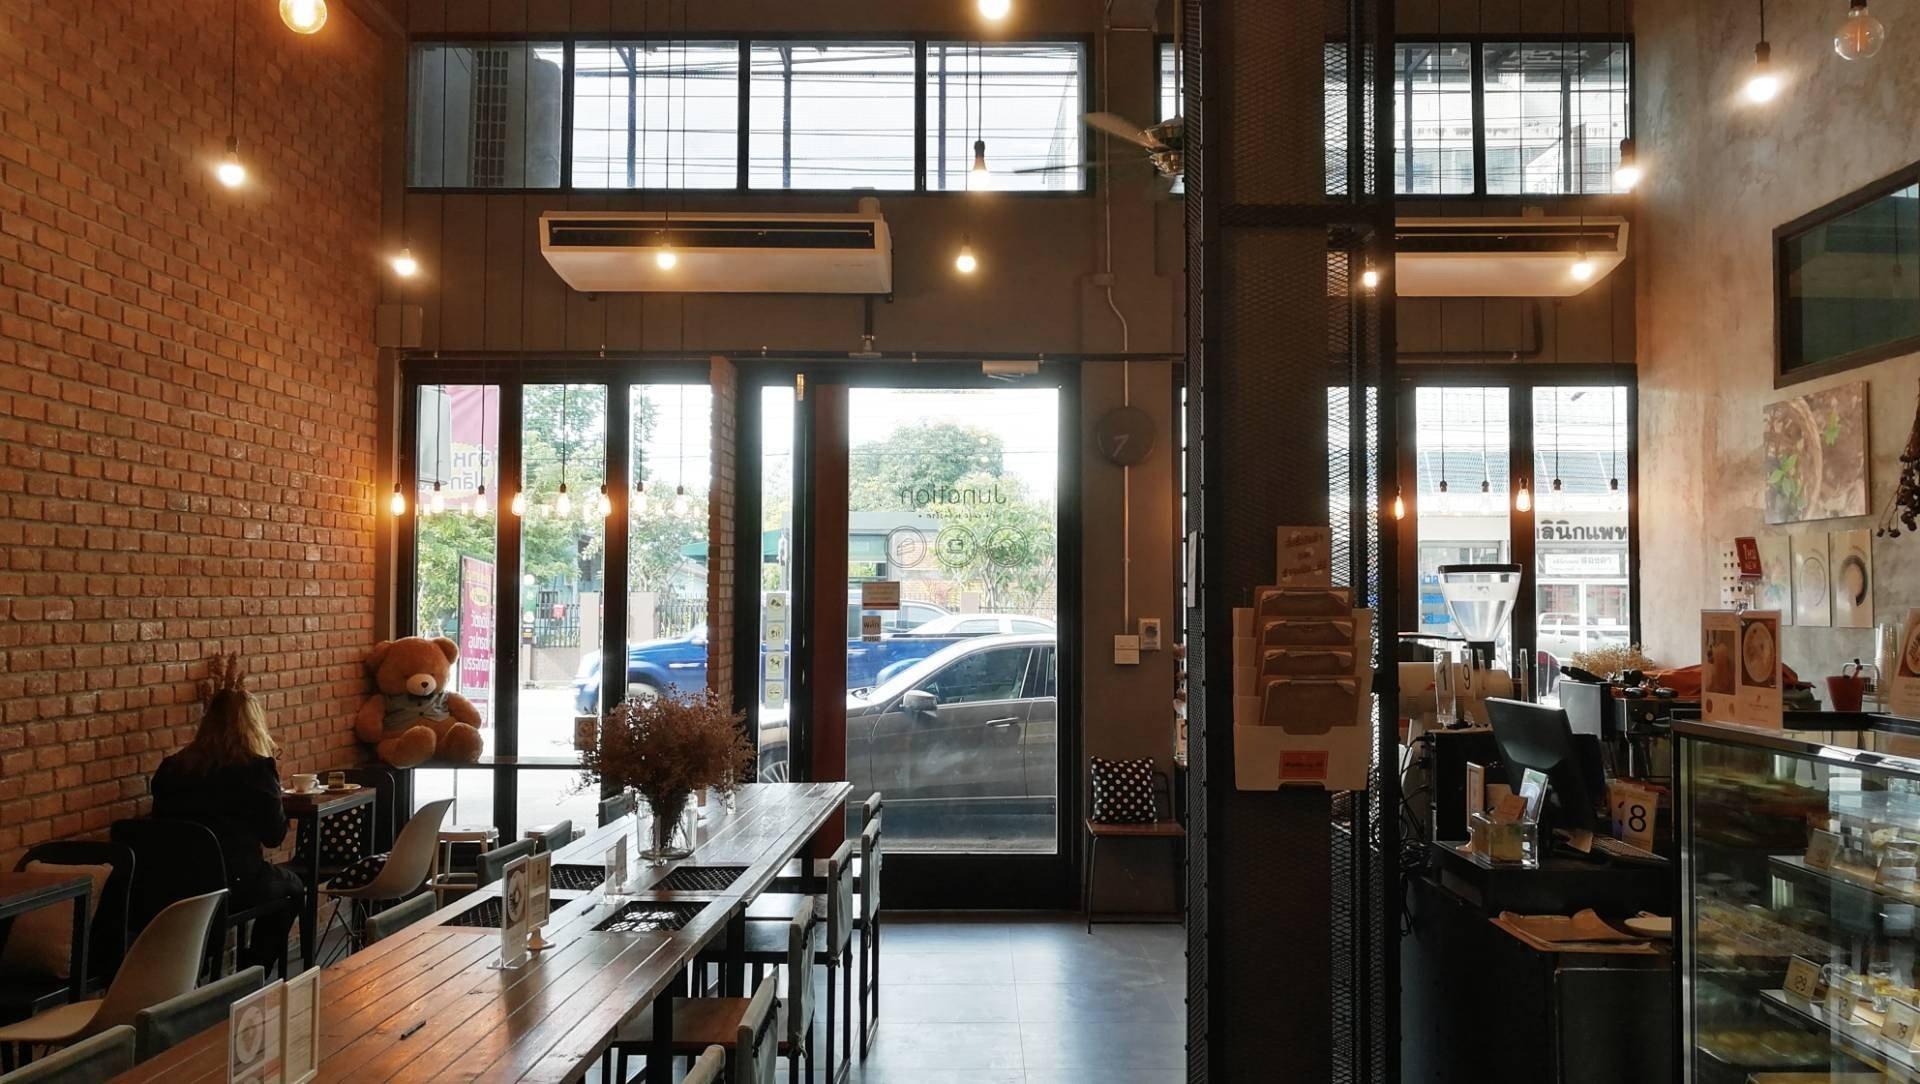 Junction : Cafe'n Bistro